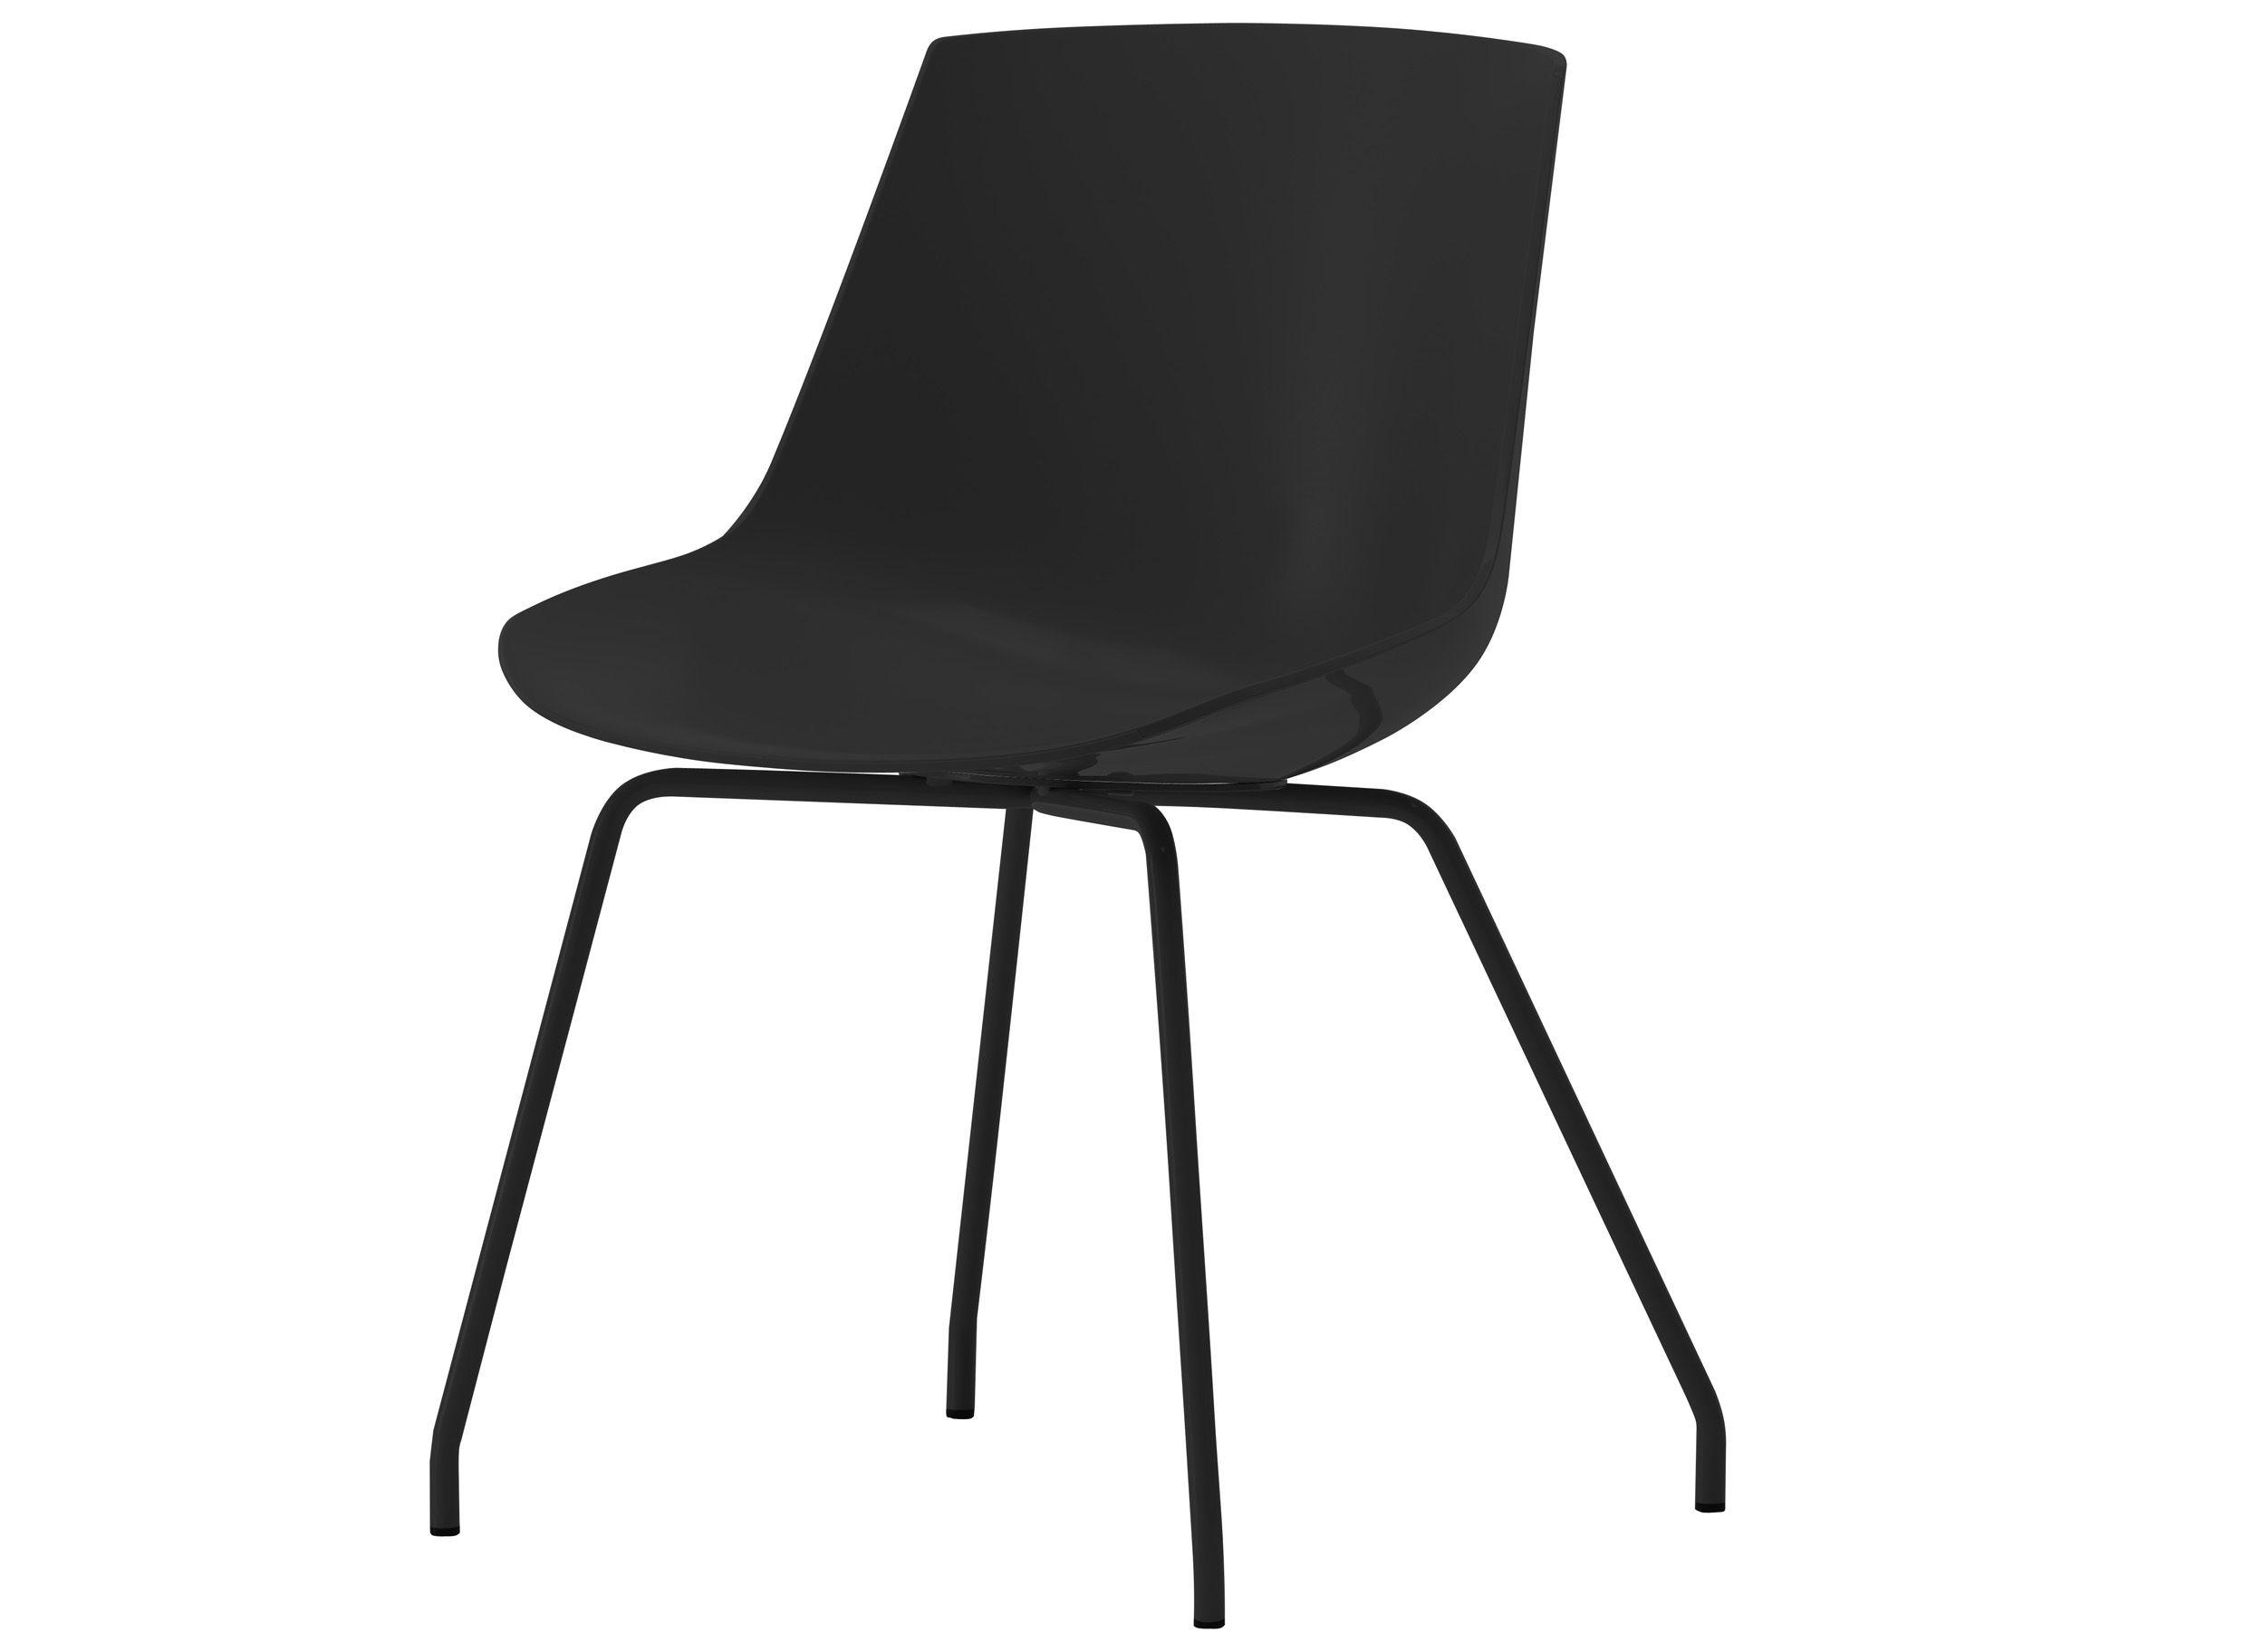 Mobilier - Chaises, fauteuils de salle à manger - Chaise Flow / 4 pieds - MDF Italia - Noir brillant / Piètement noir - Acier laqué, Polycarbonate